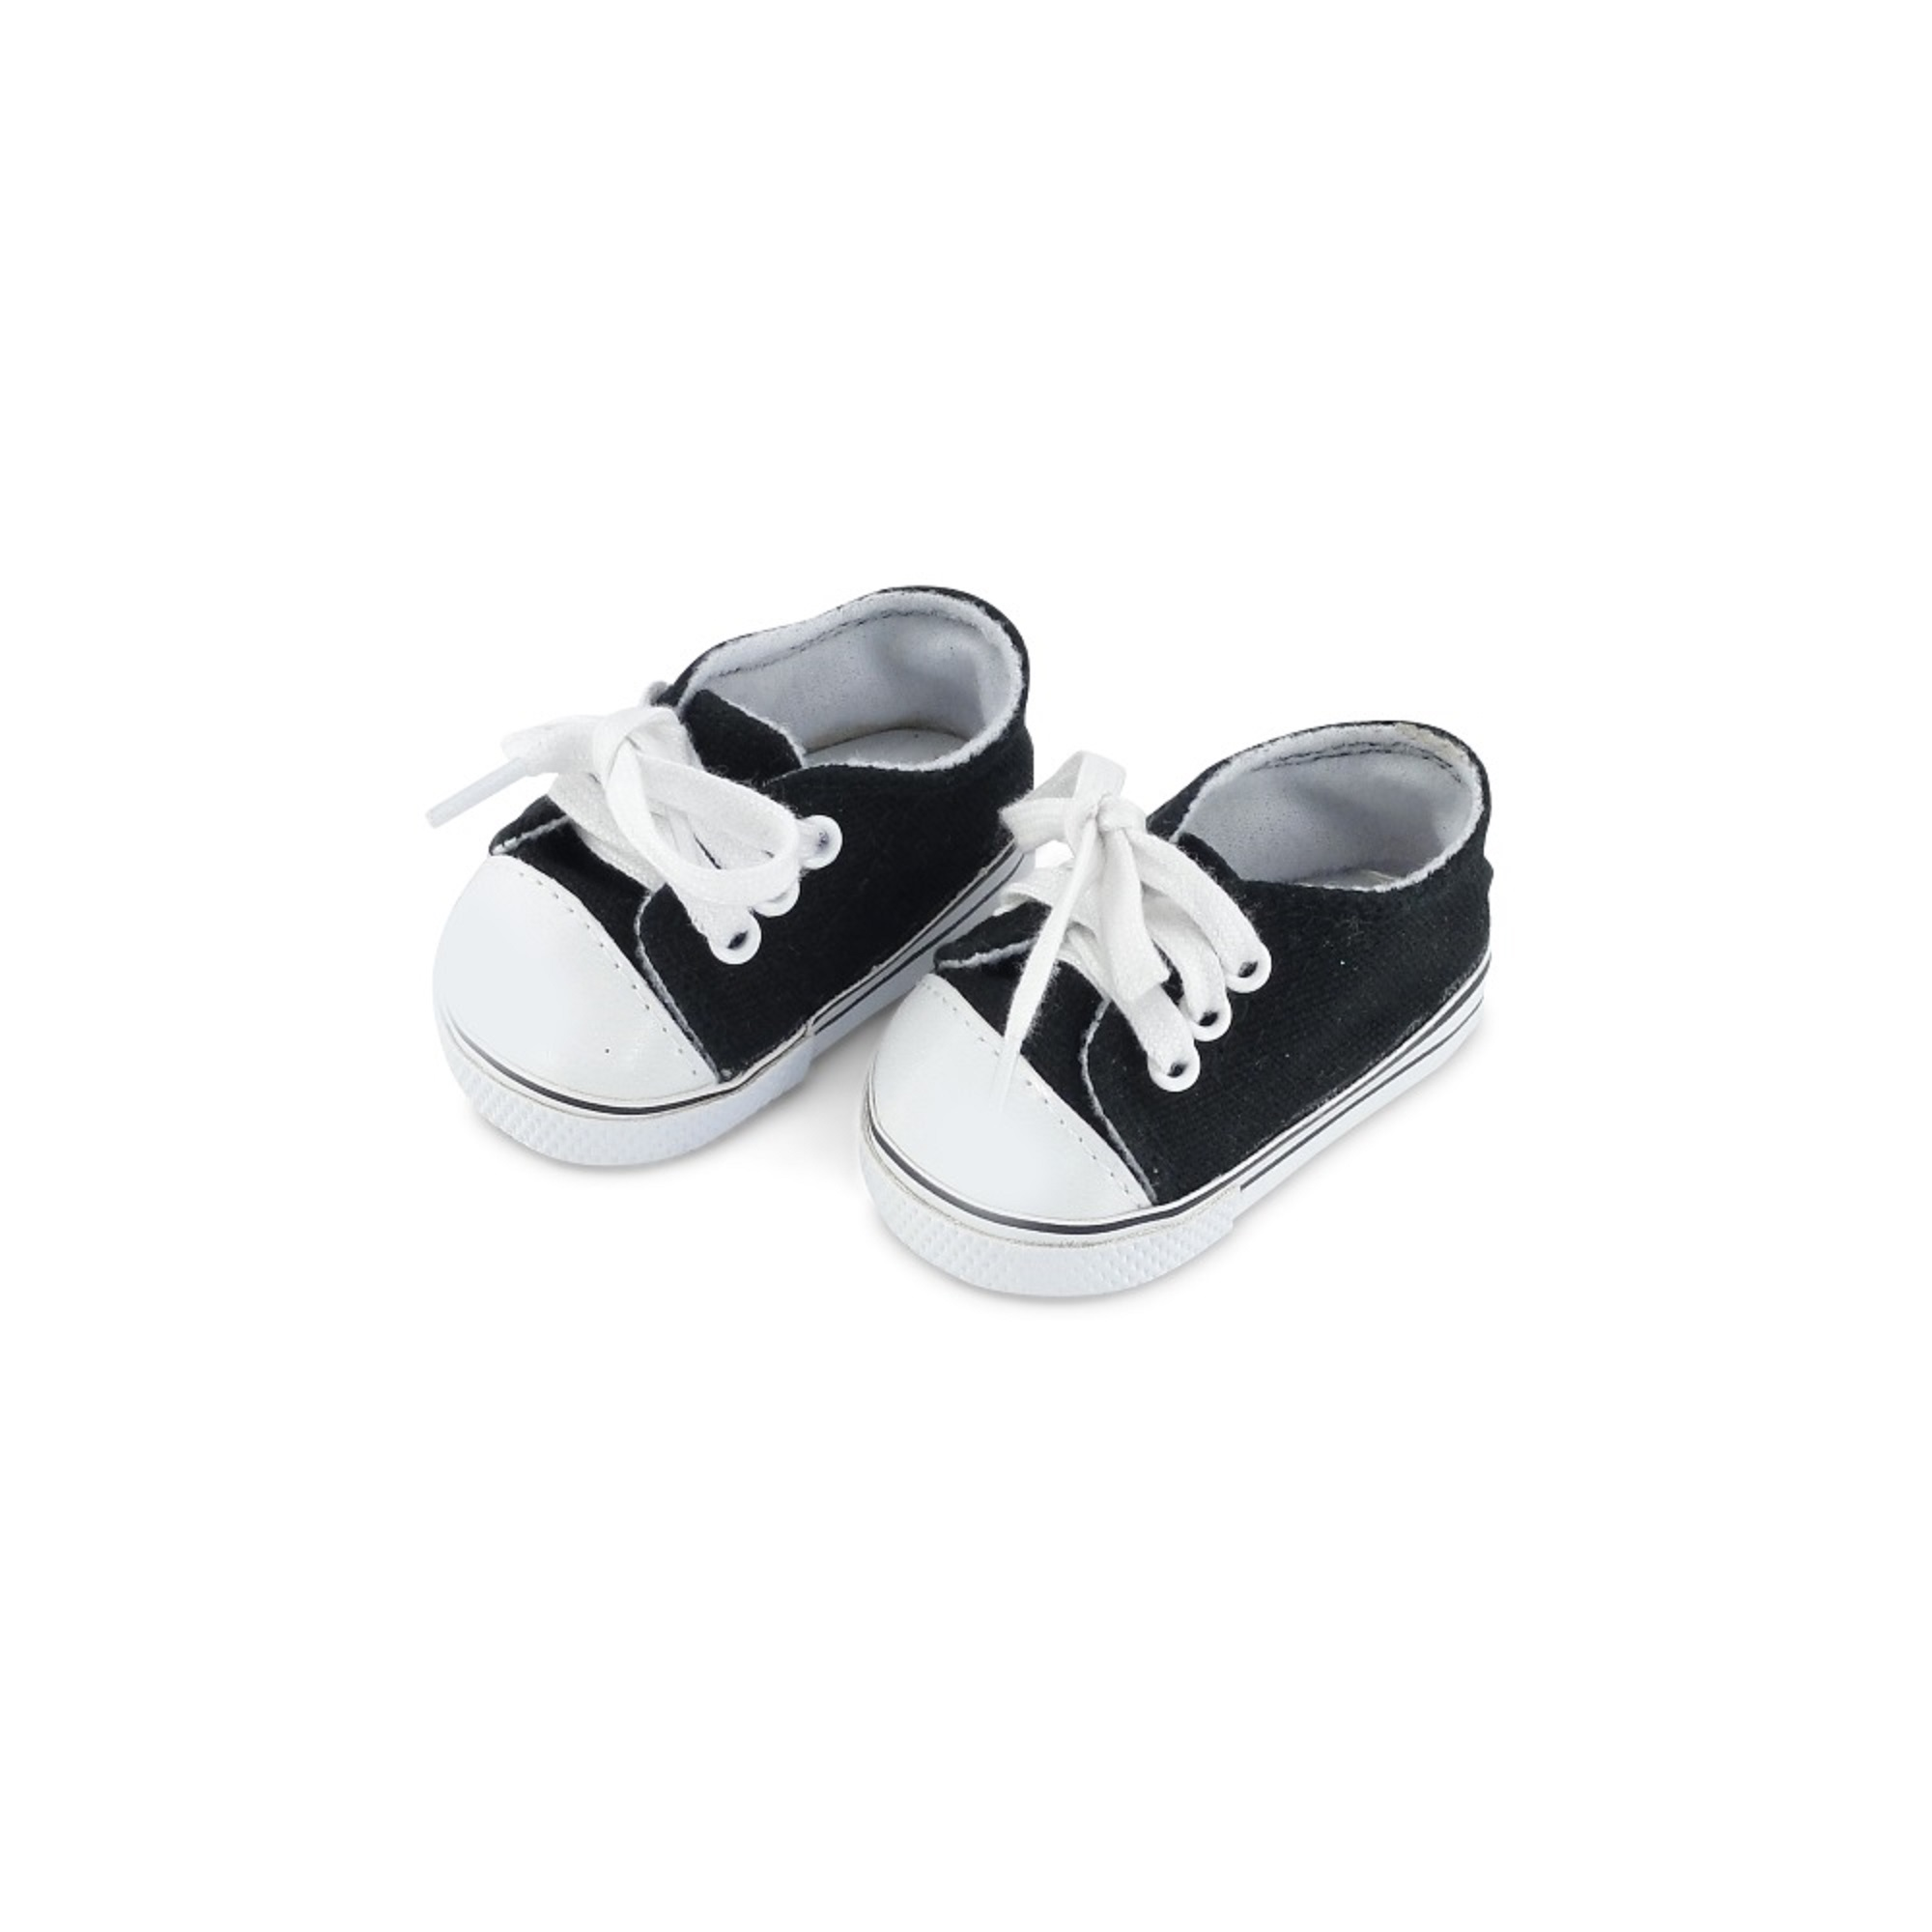 18 inch Girl Doll Shoes Sneakers White Slip-on Slides American seller NEW